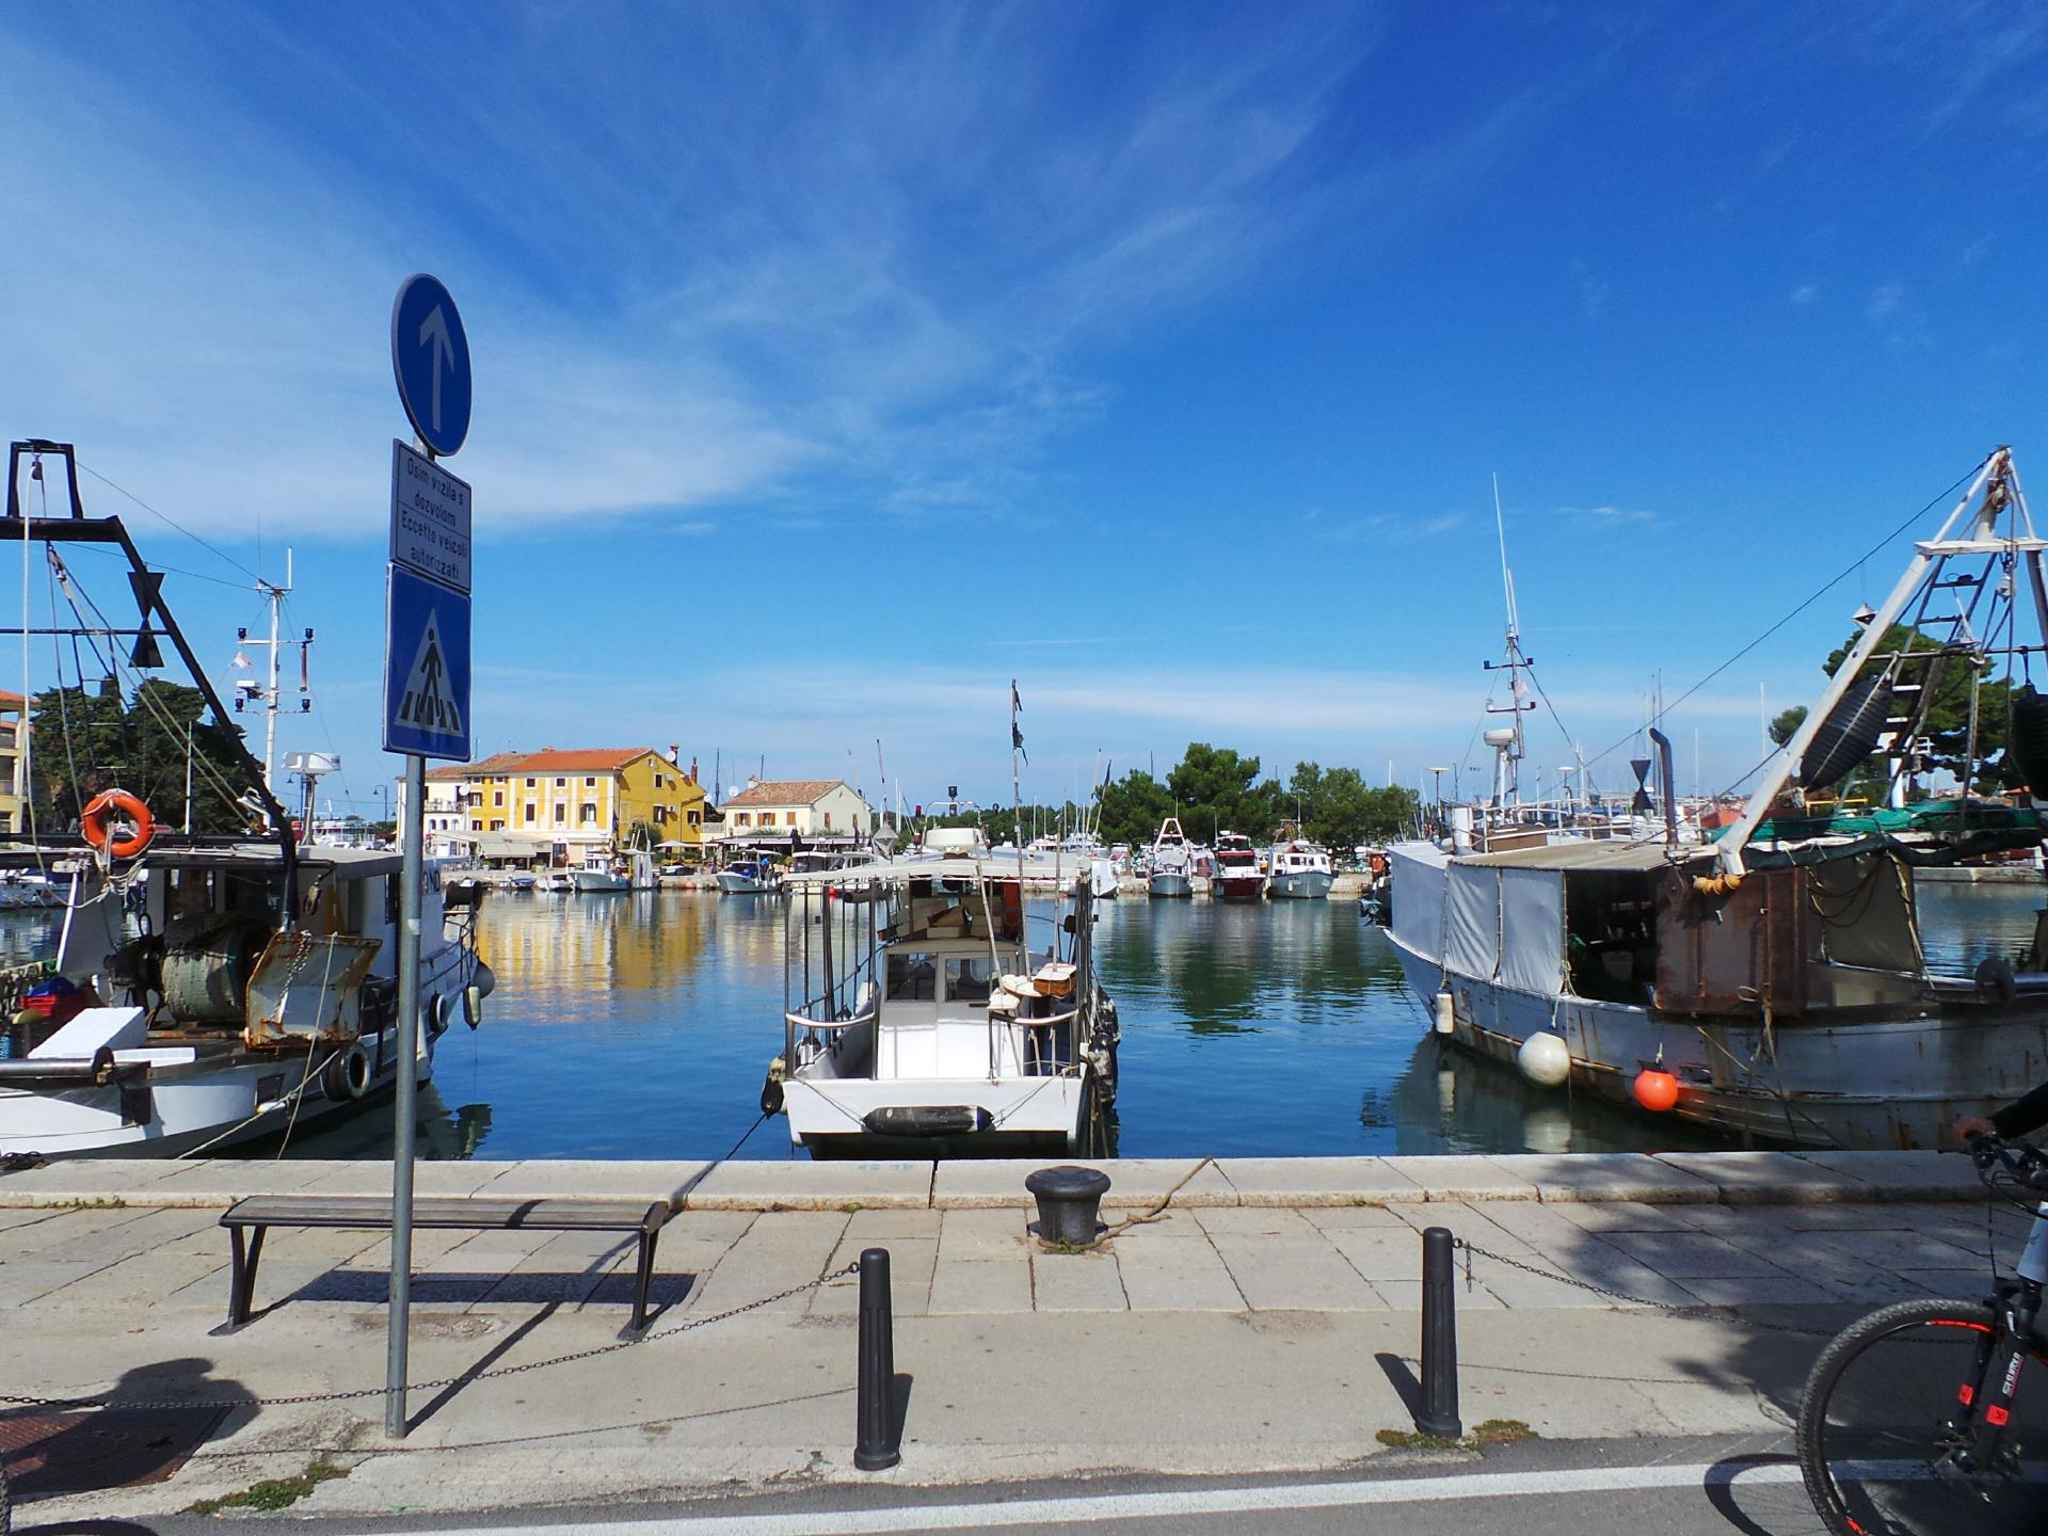 Ferienwohnung in Adrianähe mit Meerblick (278894), Zadar, , Dalmatien, Kroatien, Bild 23